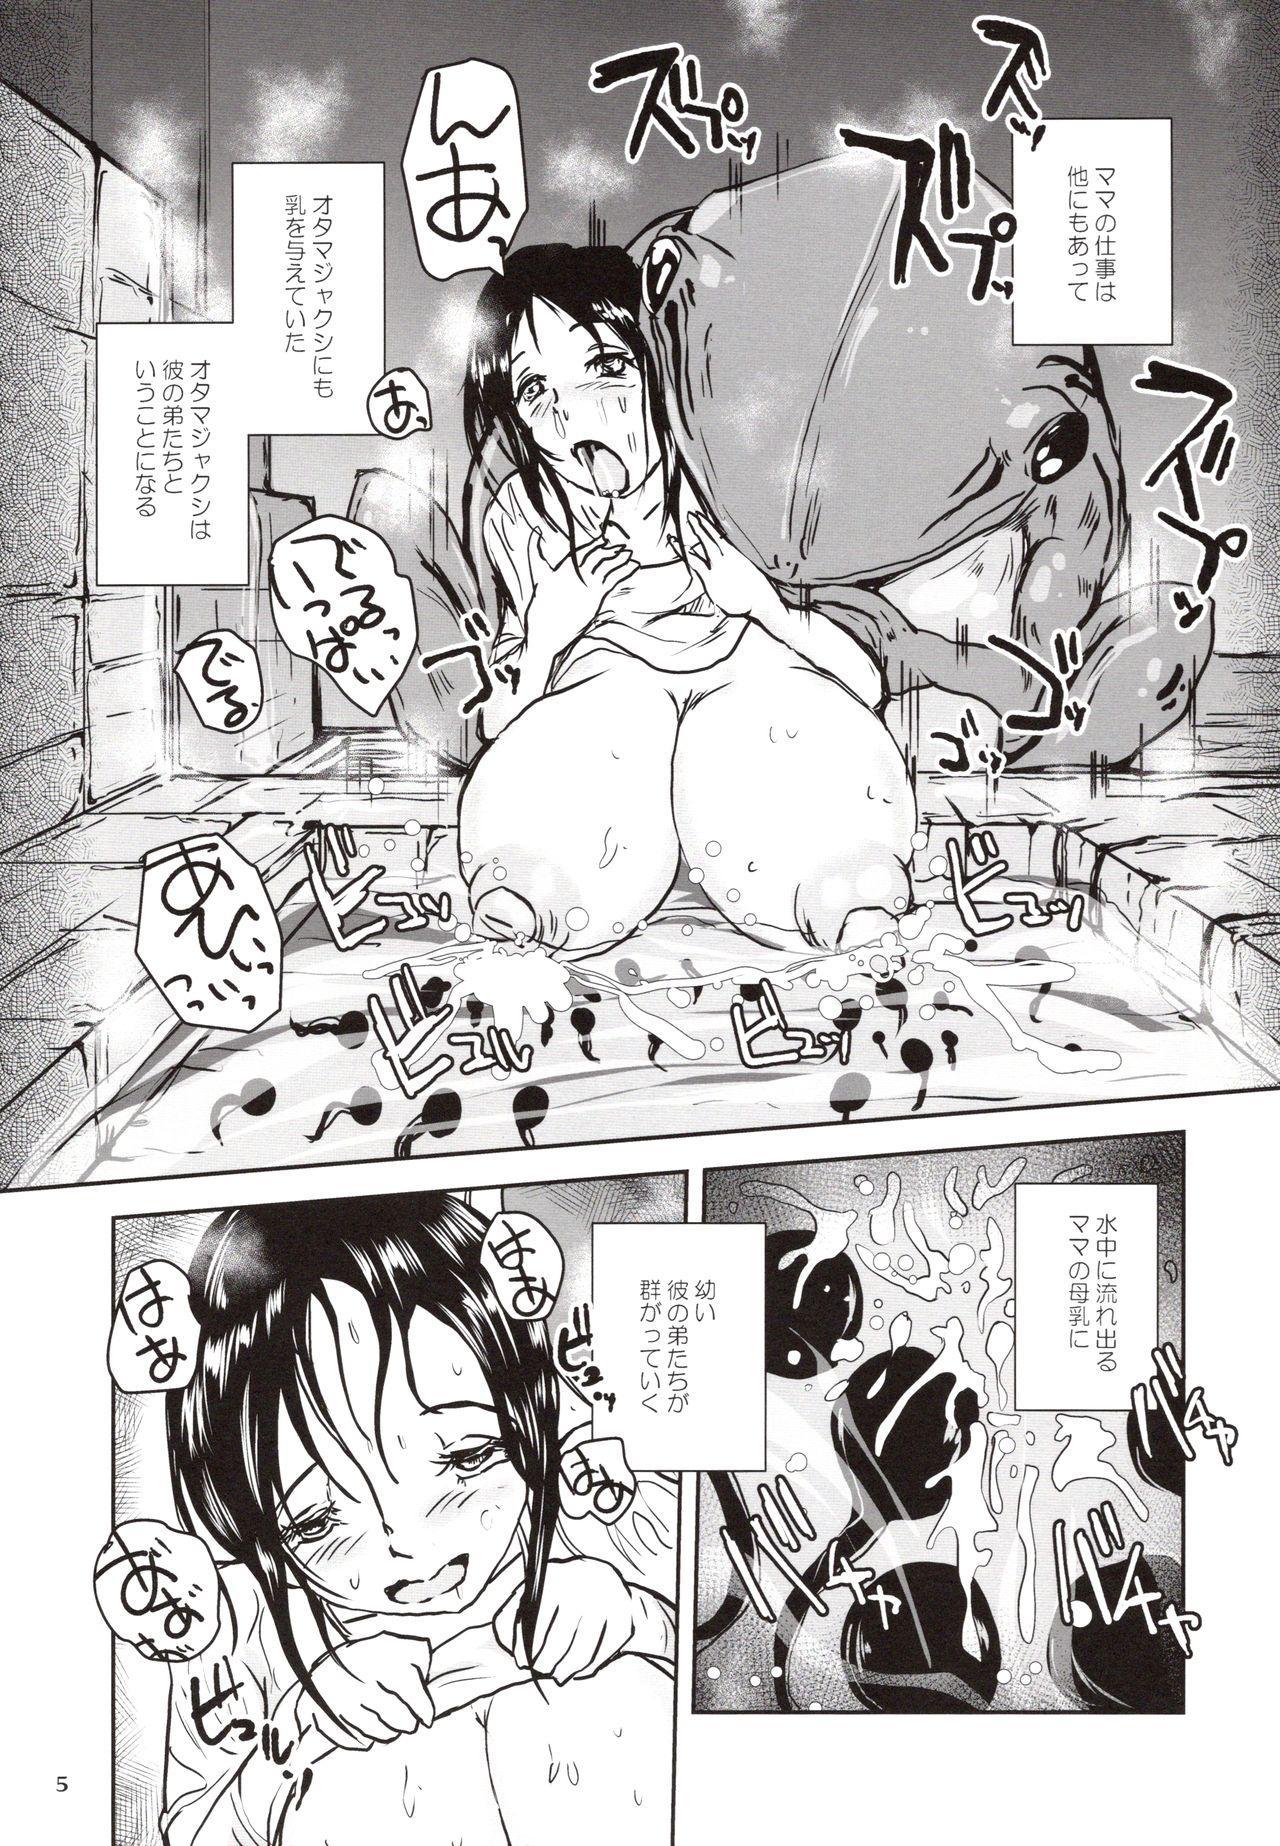 Kinshin Kaerukan - Mama o Aishi Sugita Kogaeru no Monogatari 3